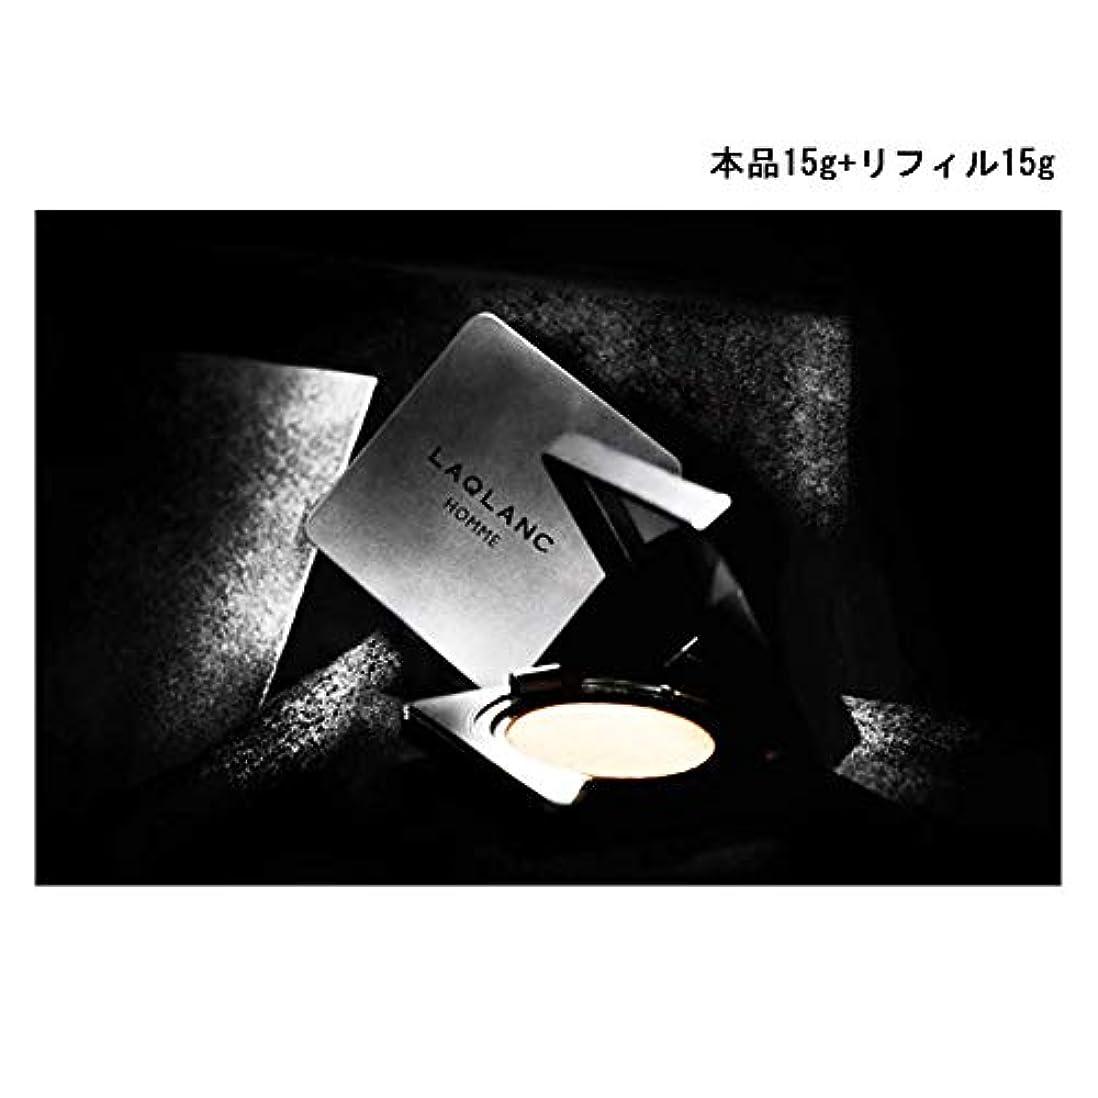 脚複合ベーコン(Laqlanc)大人気 10秒完成 ナチュラル 肌色アップ 紫外線遮断 ホワイトニング 男性 エアクッション 15g +リフィル 15g [海外配送品] [並行輸入品]